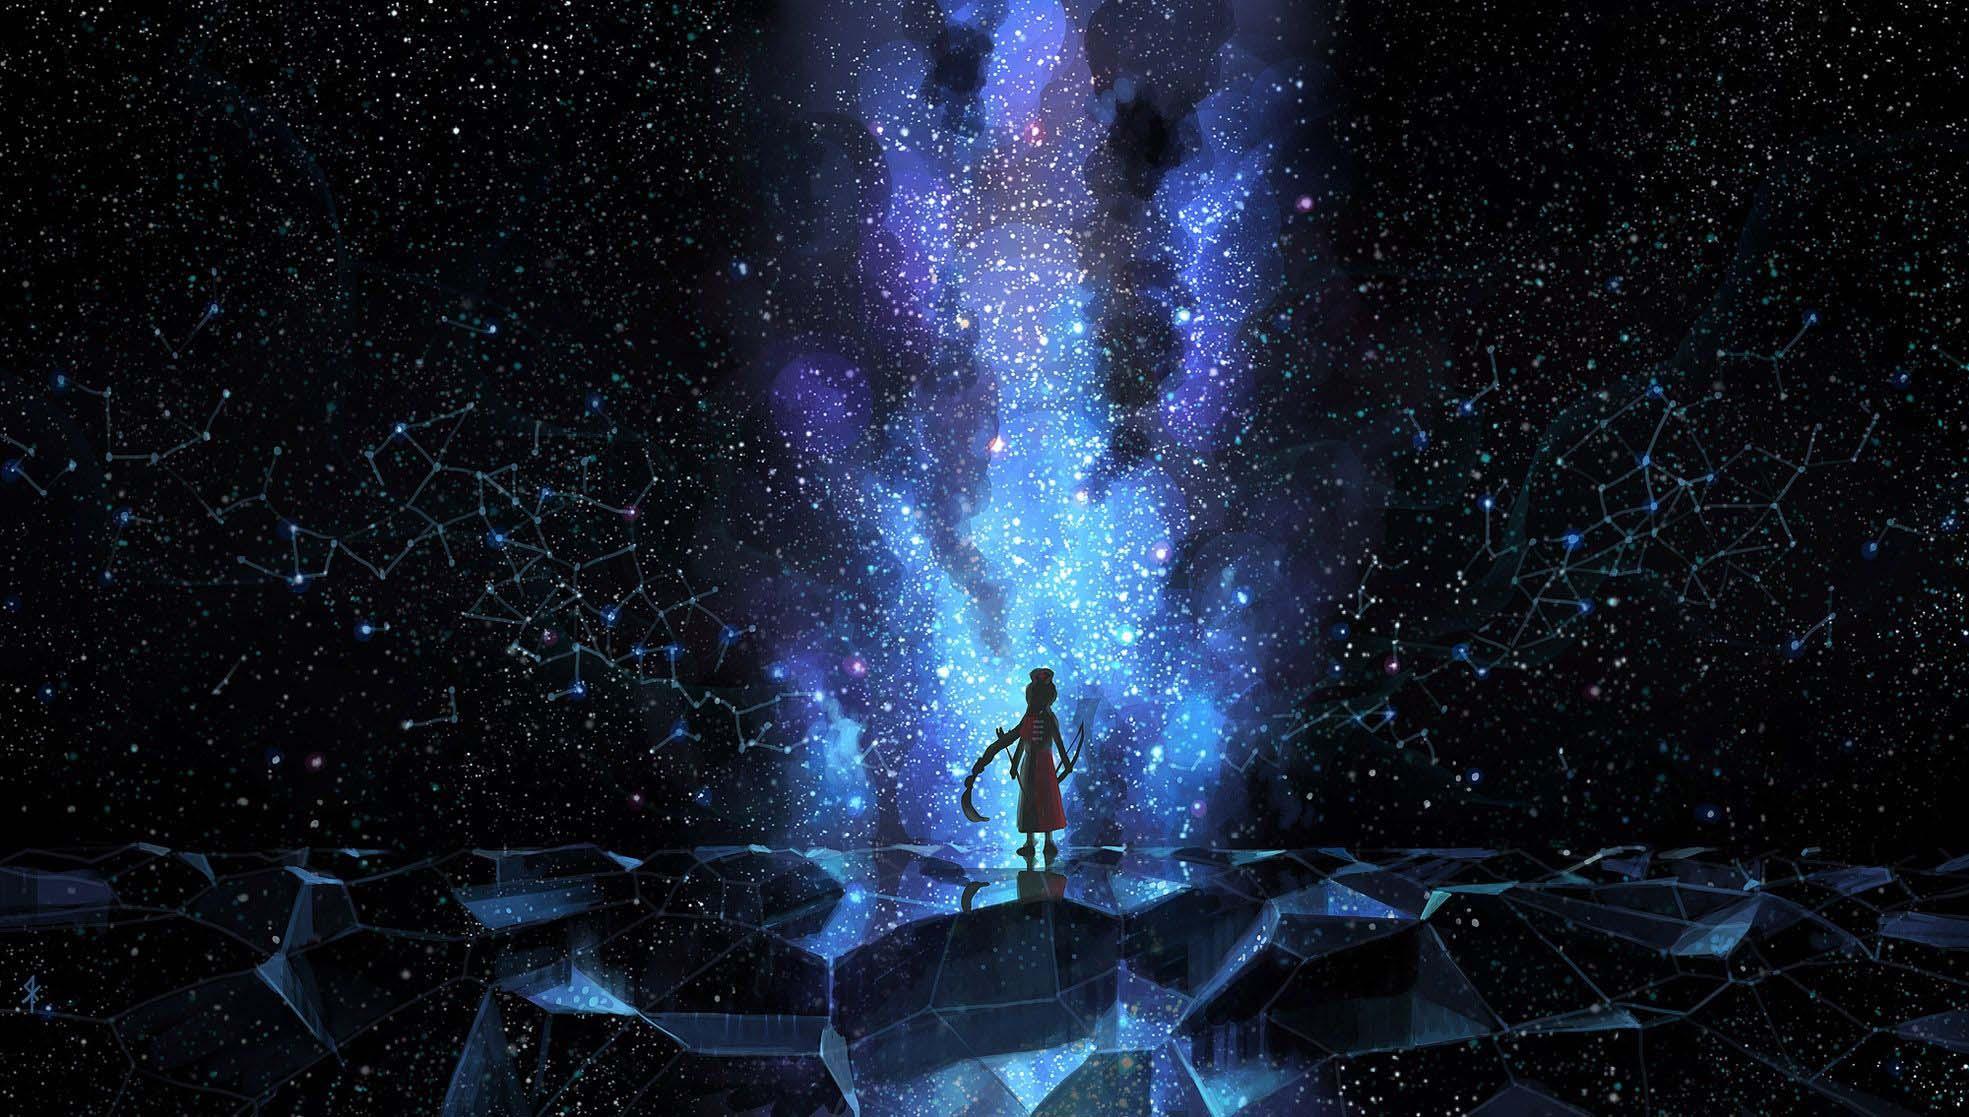 Anime galaxy hiếm và đẹp